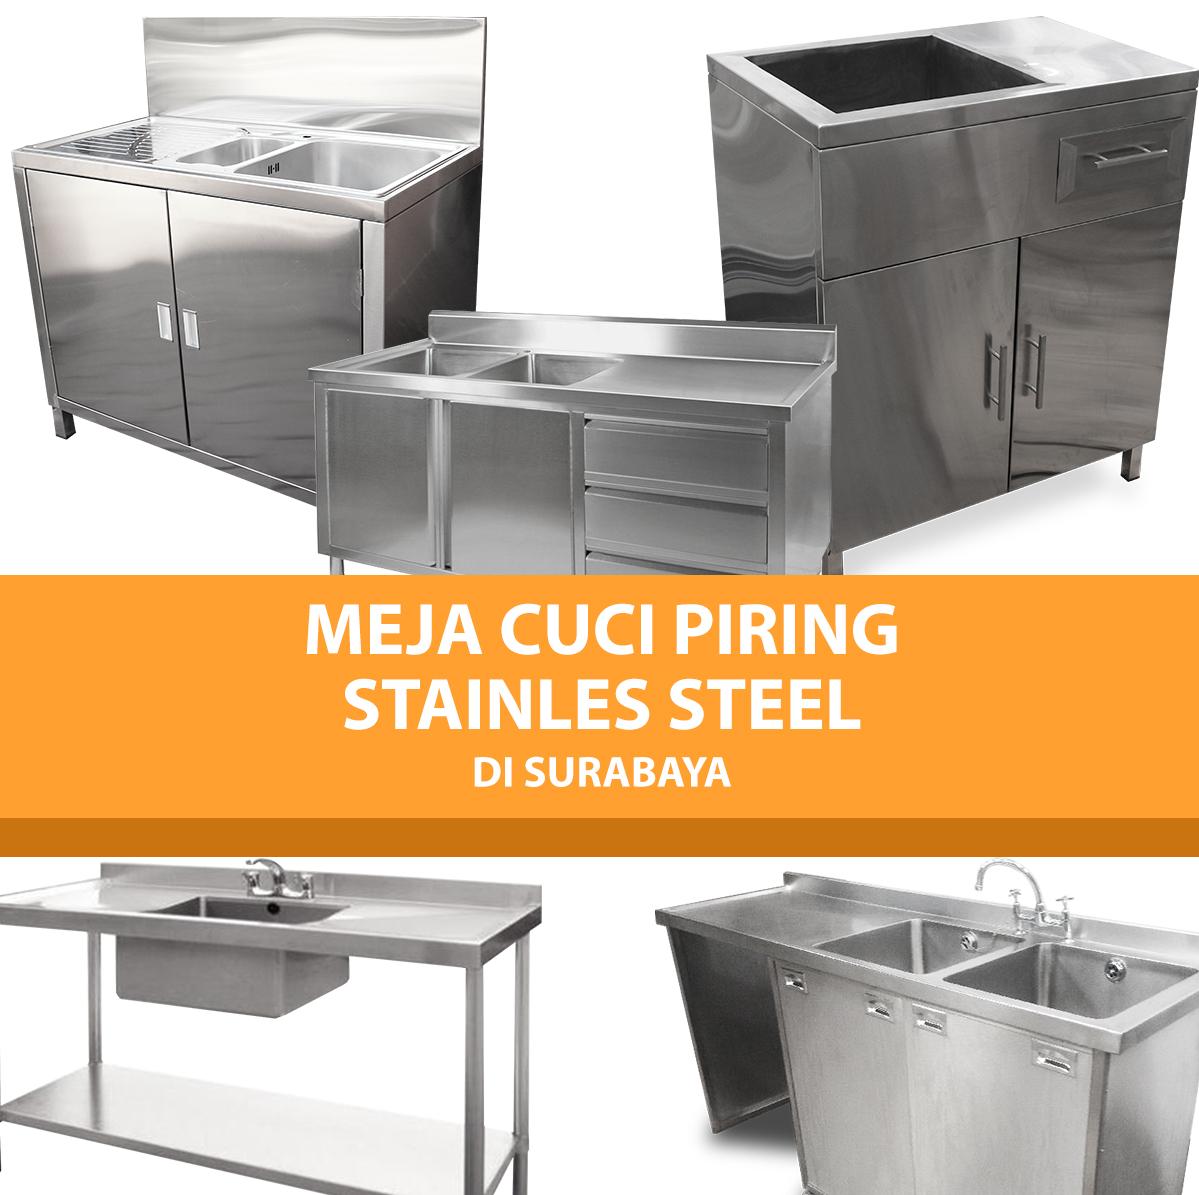 Kitchen Sink Yang Bagus Merk Apa: Harga Tempat Cuci Piring Stainless Surabaya